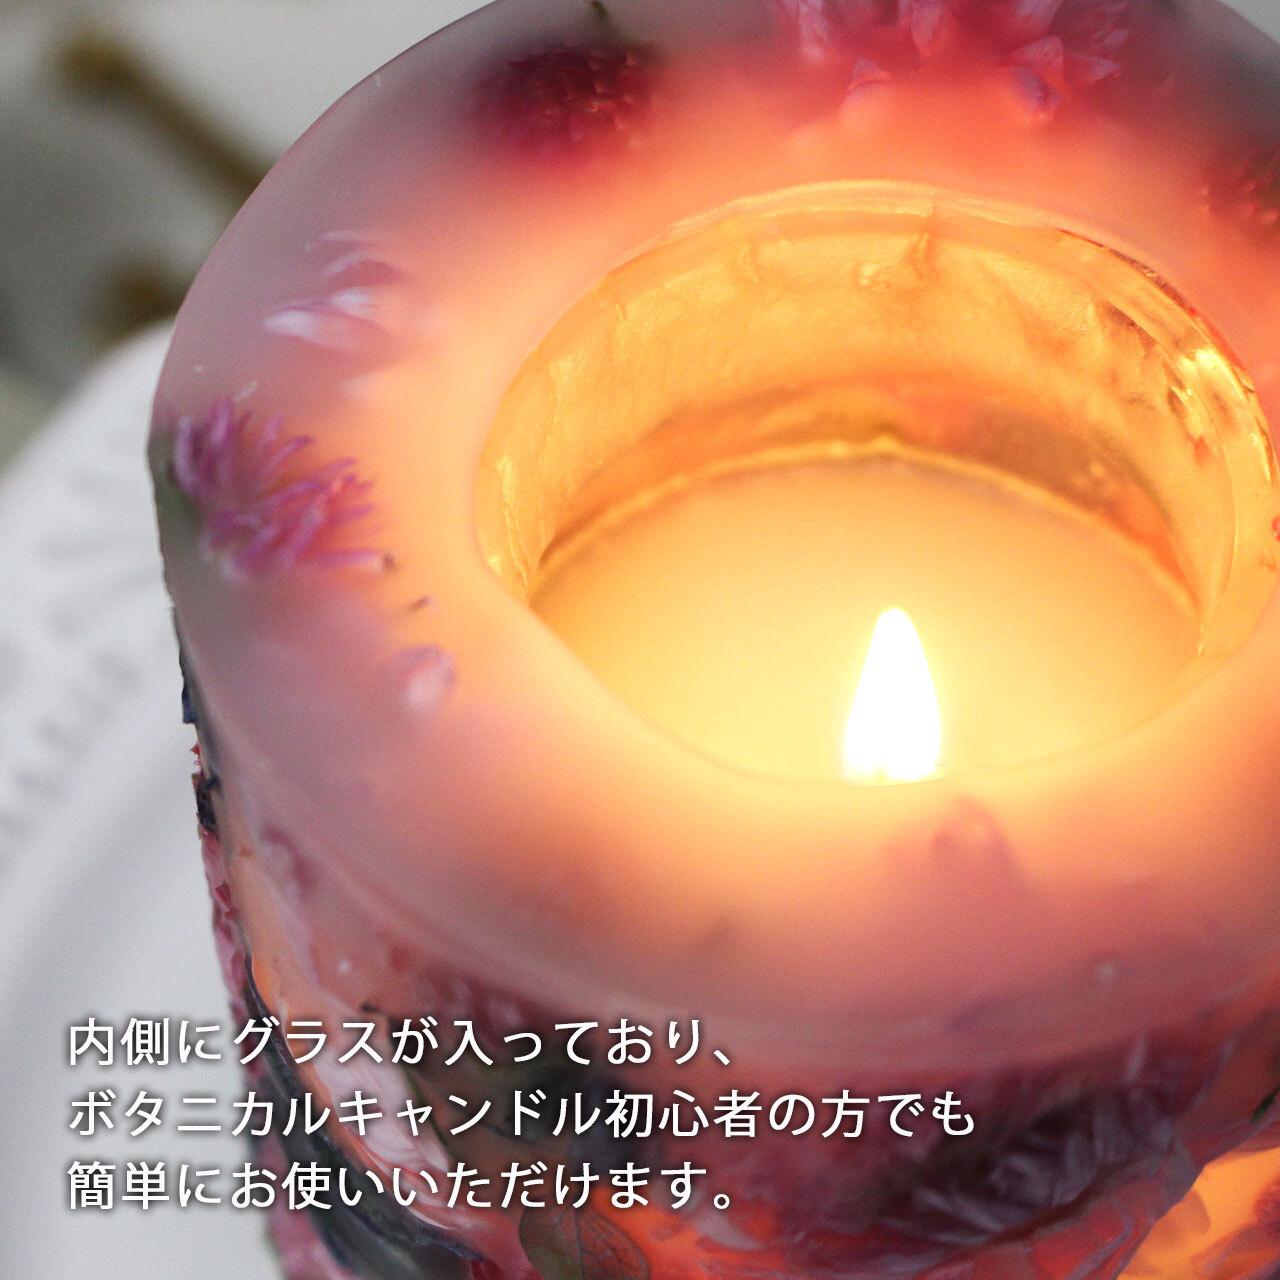 NC300 ギフトラッピング付き☆メッセージ&日付&名入れボタニカルキャンドル ガーデン